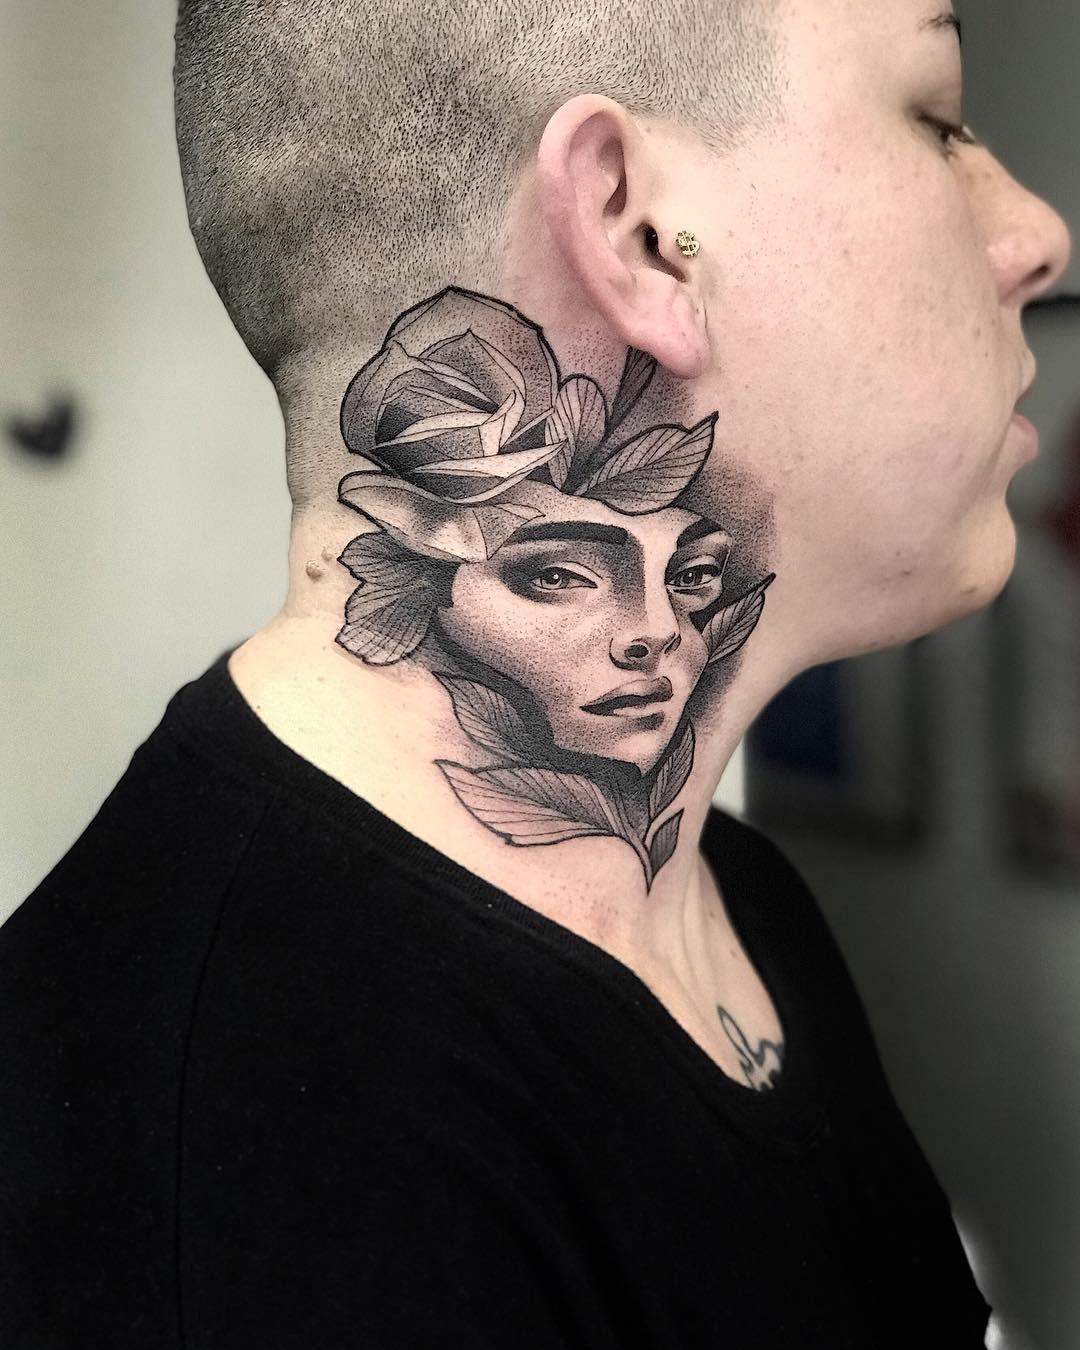 Tatuagem No Pescoco Qual O Significado Blog Tattoo2me Guilherme sempre gostou de música. tatuagem no pescoco qual o significado